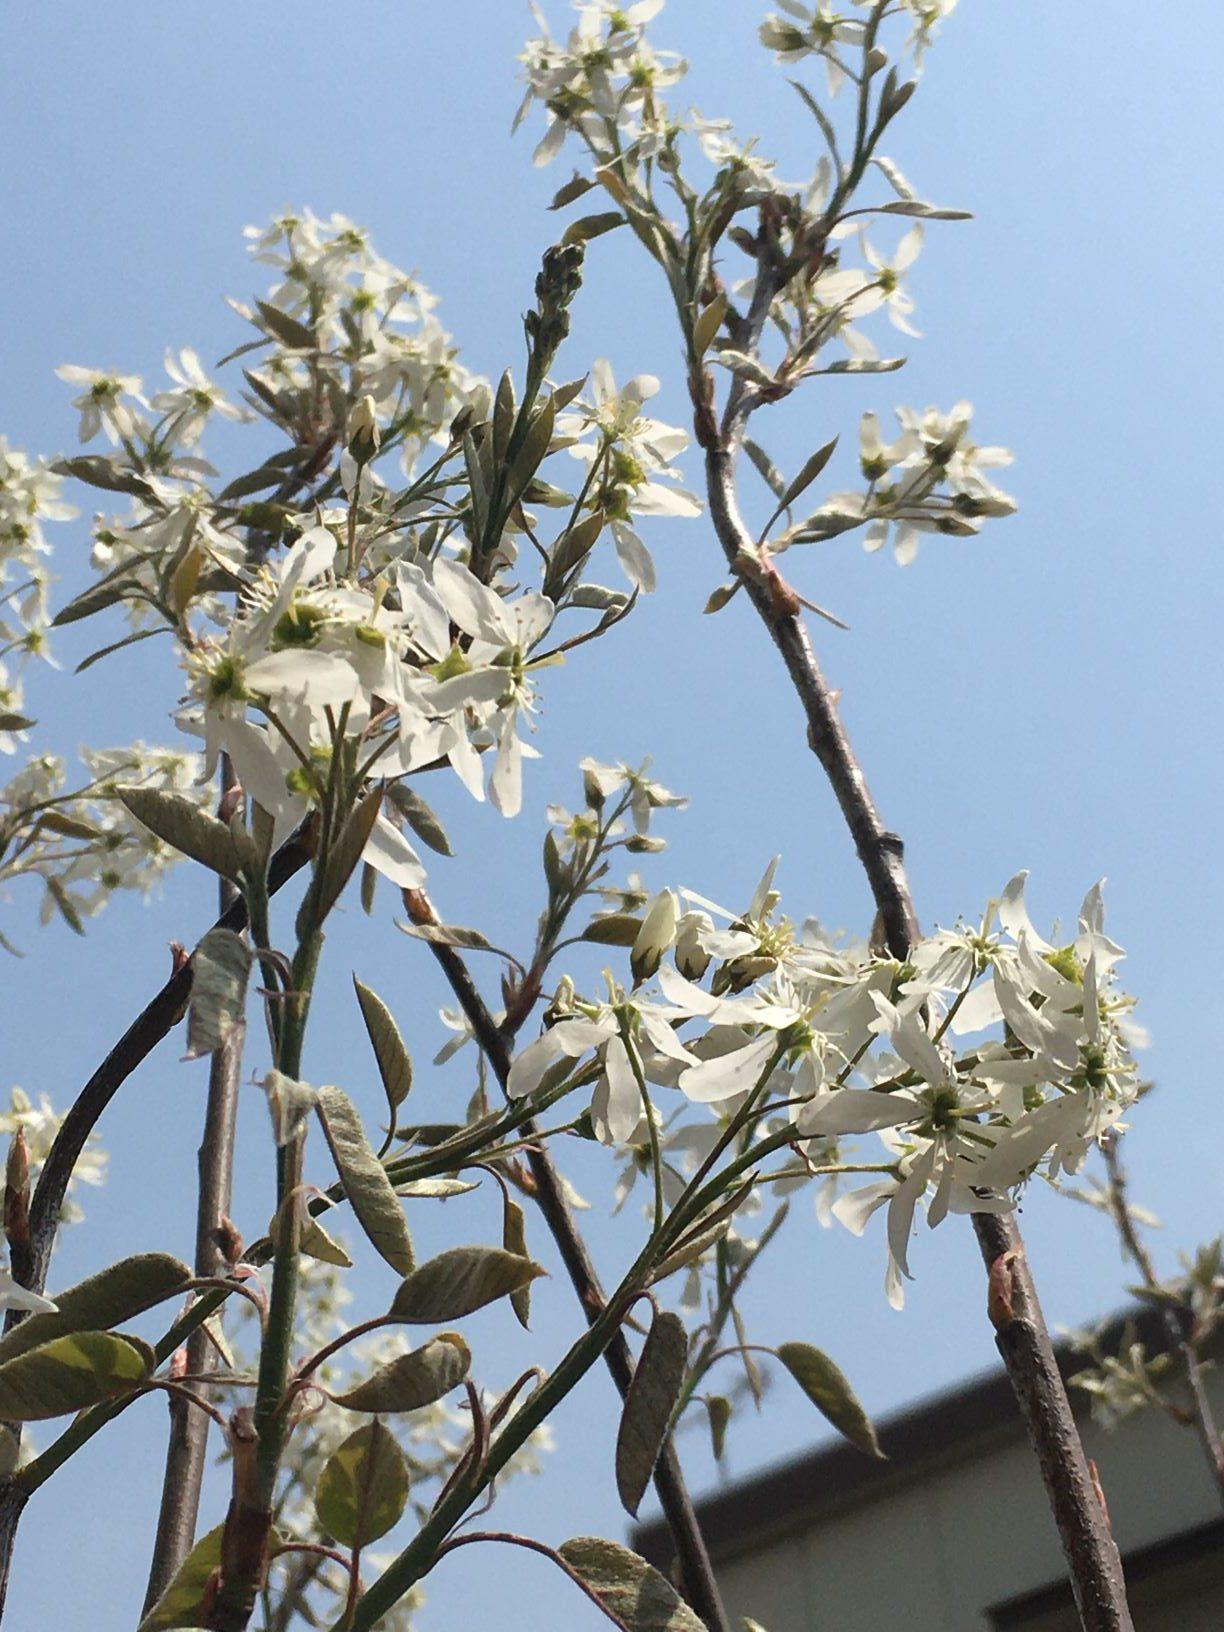 小幡遊べるデッキの庭。ジューンベリー開花。のイメージ